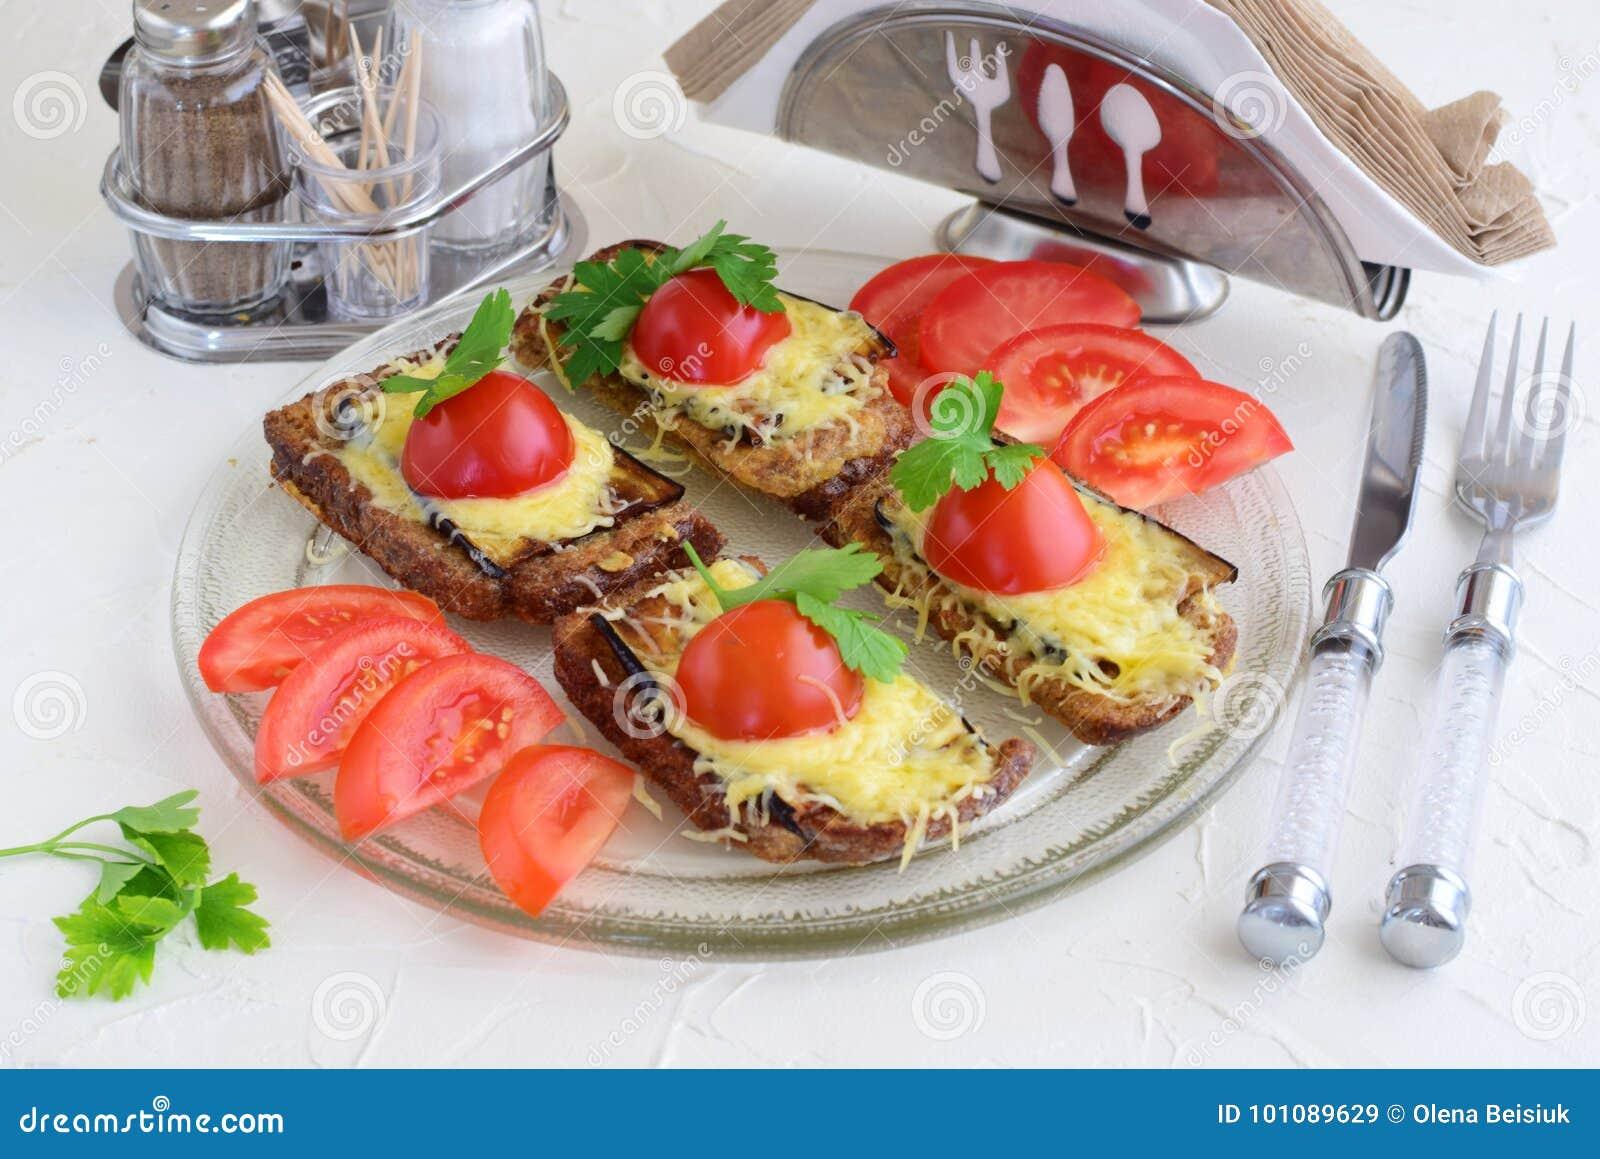 Tostadas con la berenjena, el queso y el tomate en una placa de cristal